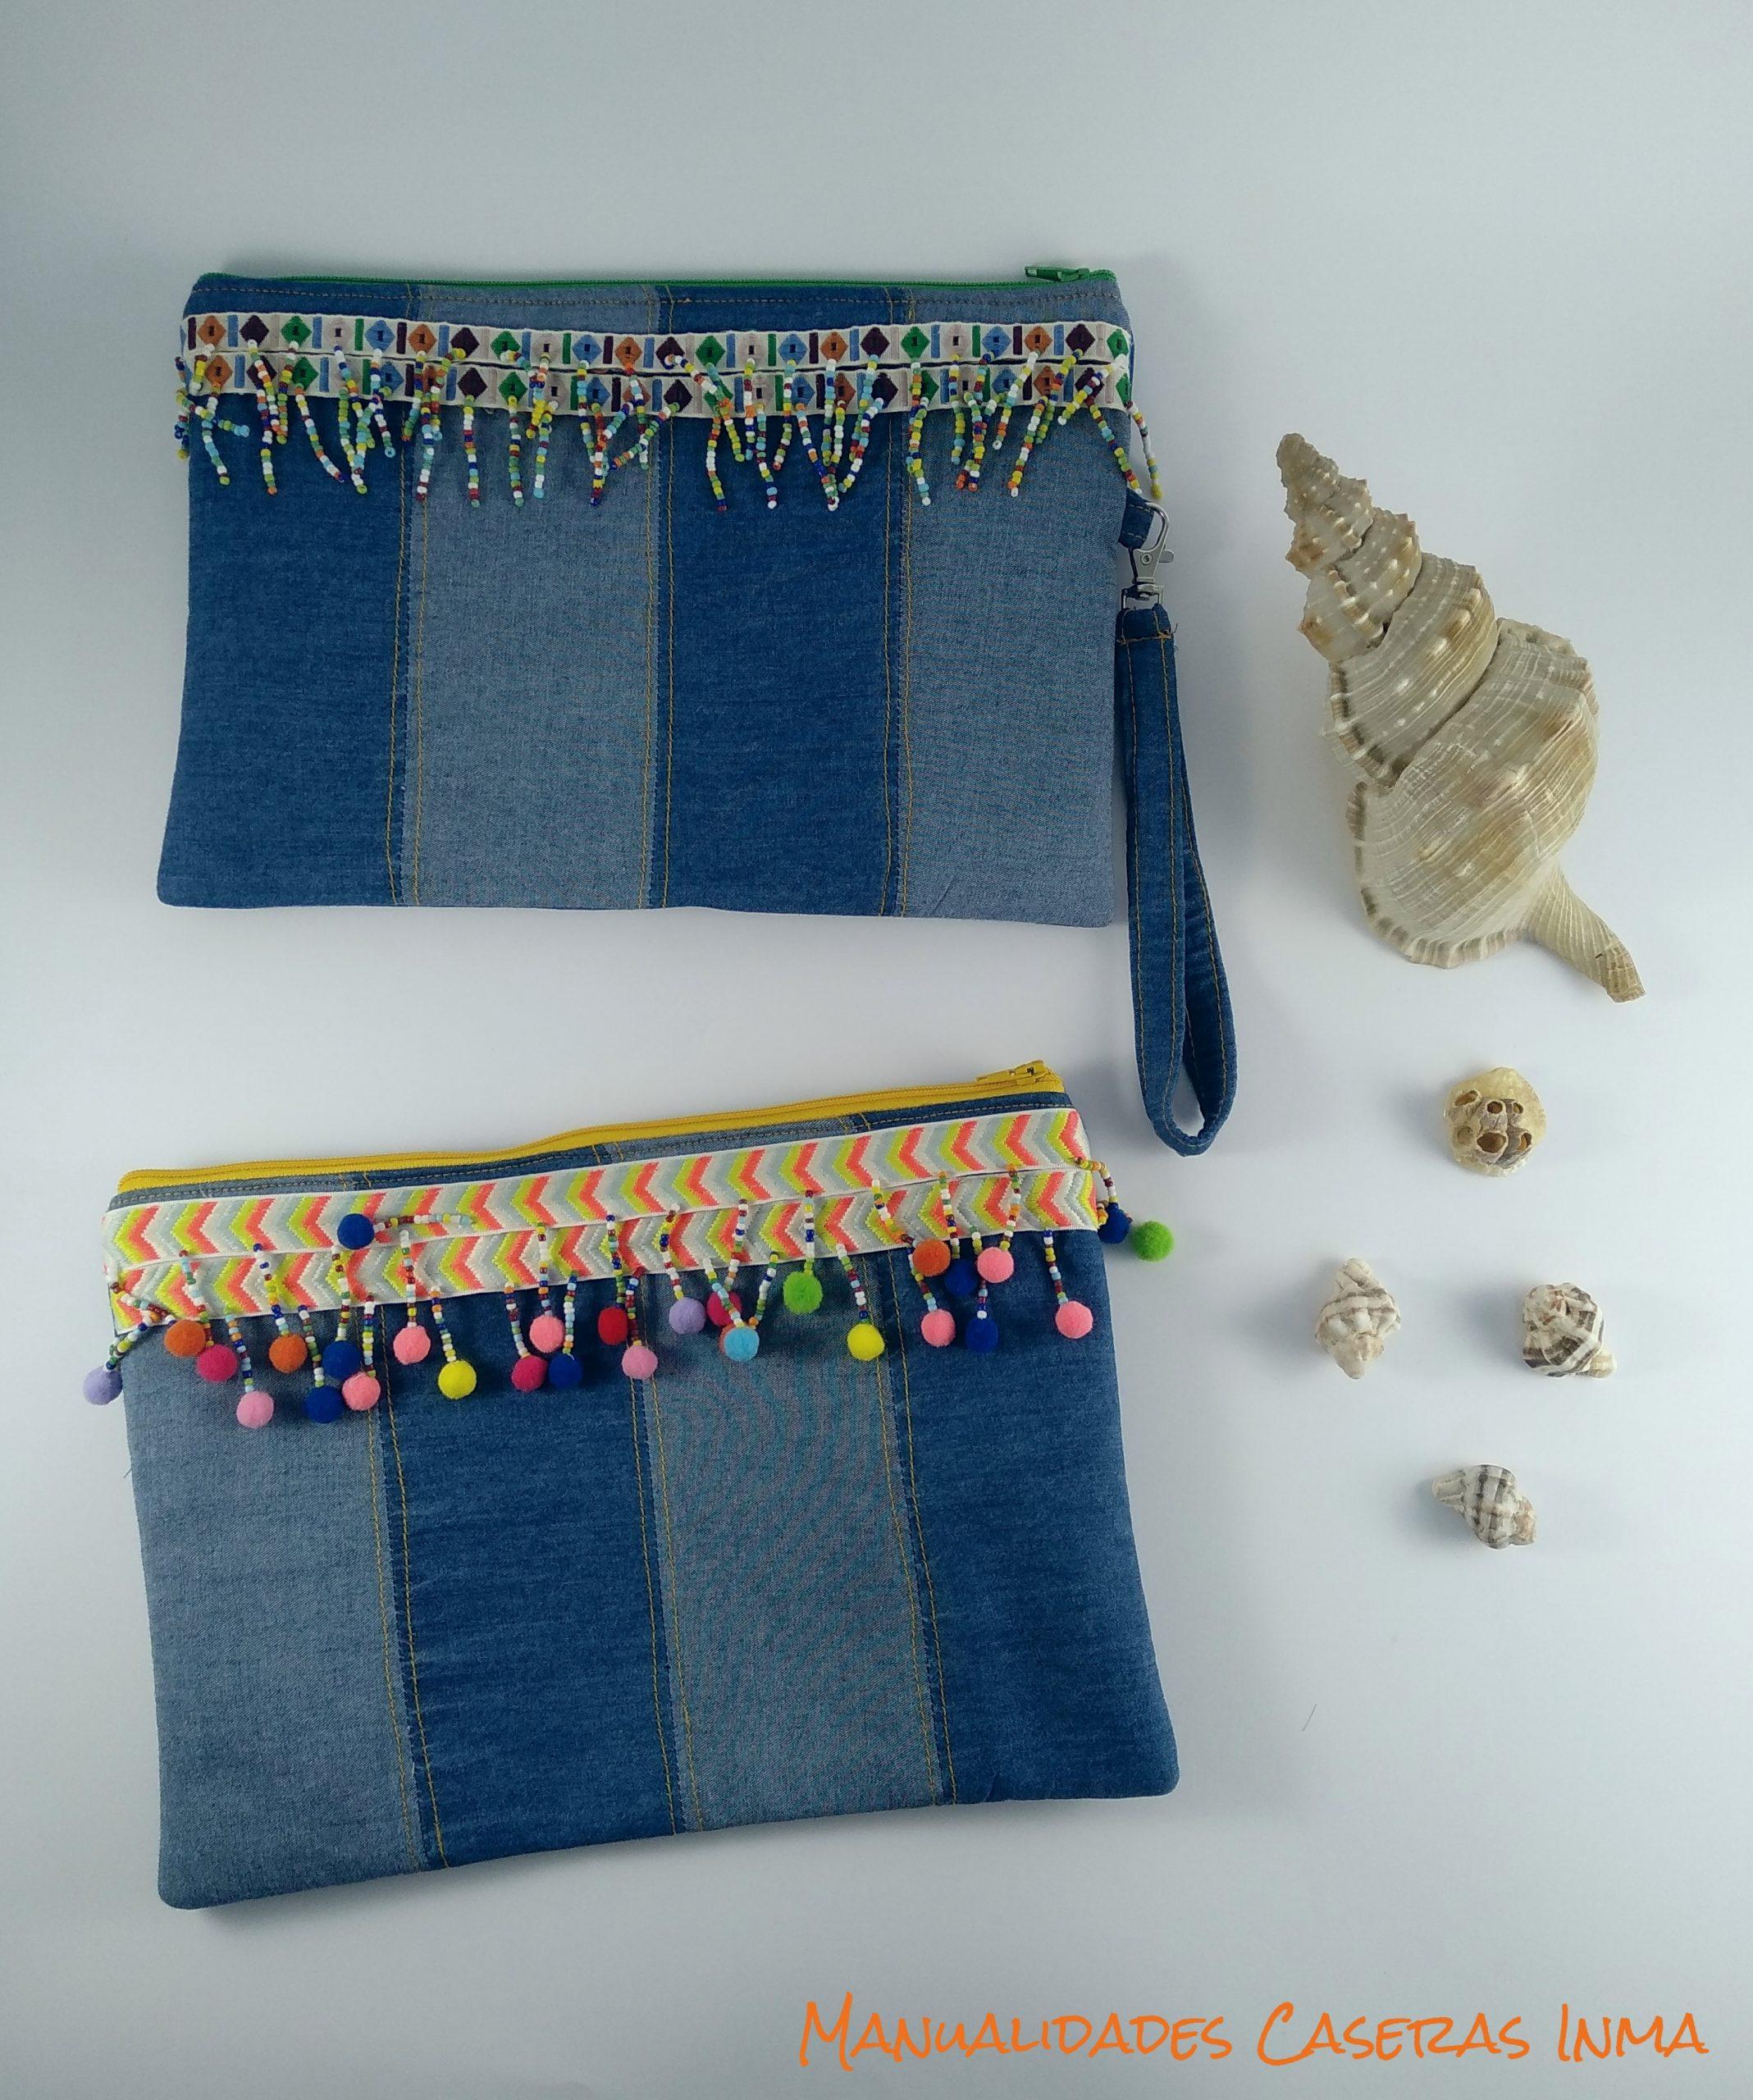 Manualidades Caseras Inma_ Bolso vaquero de mano con abalorios y borlas